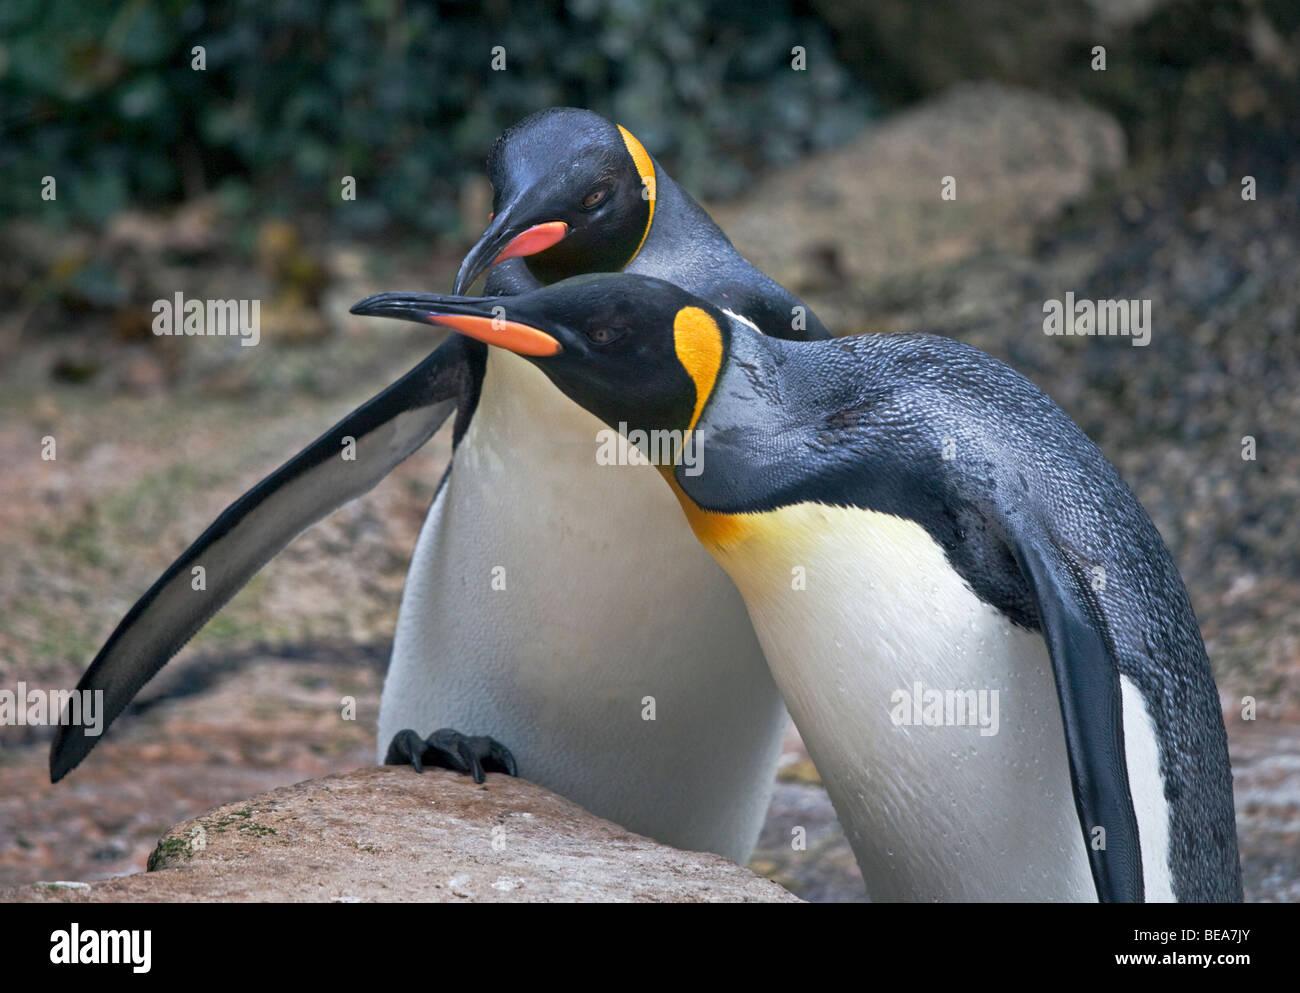 King Penguins (aptenodytes patagonicus) - Stock Image